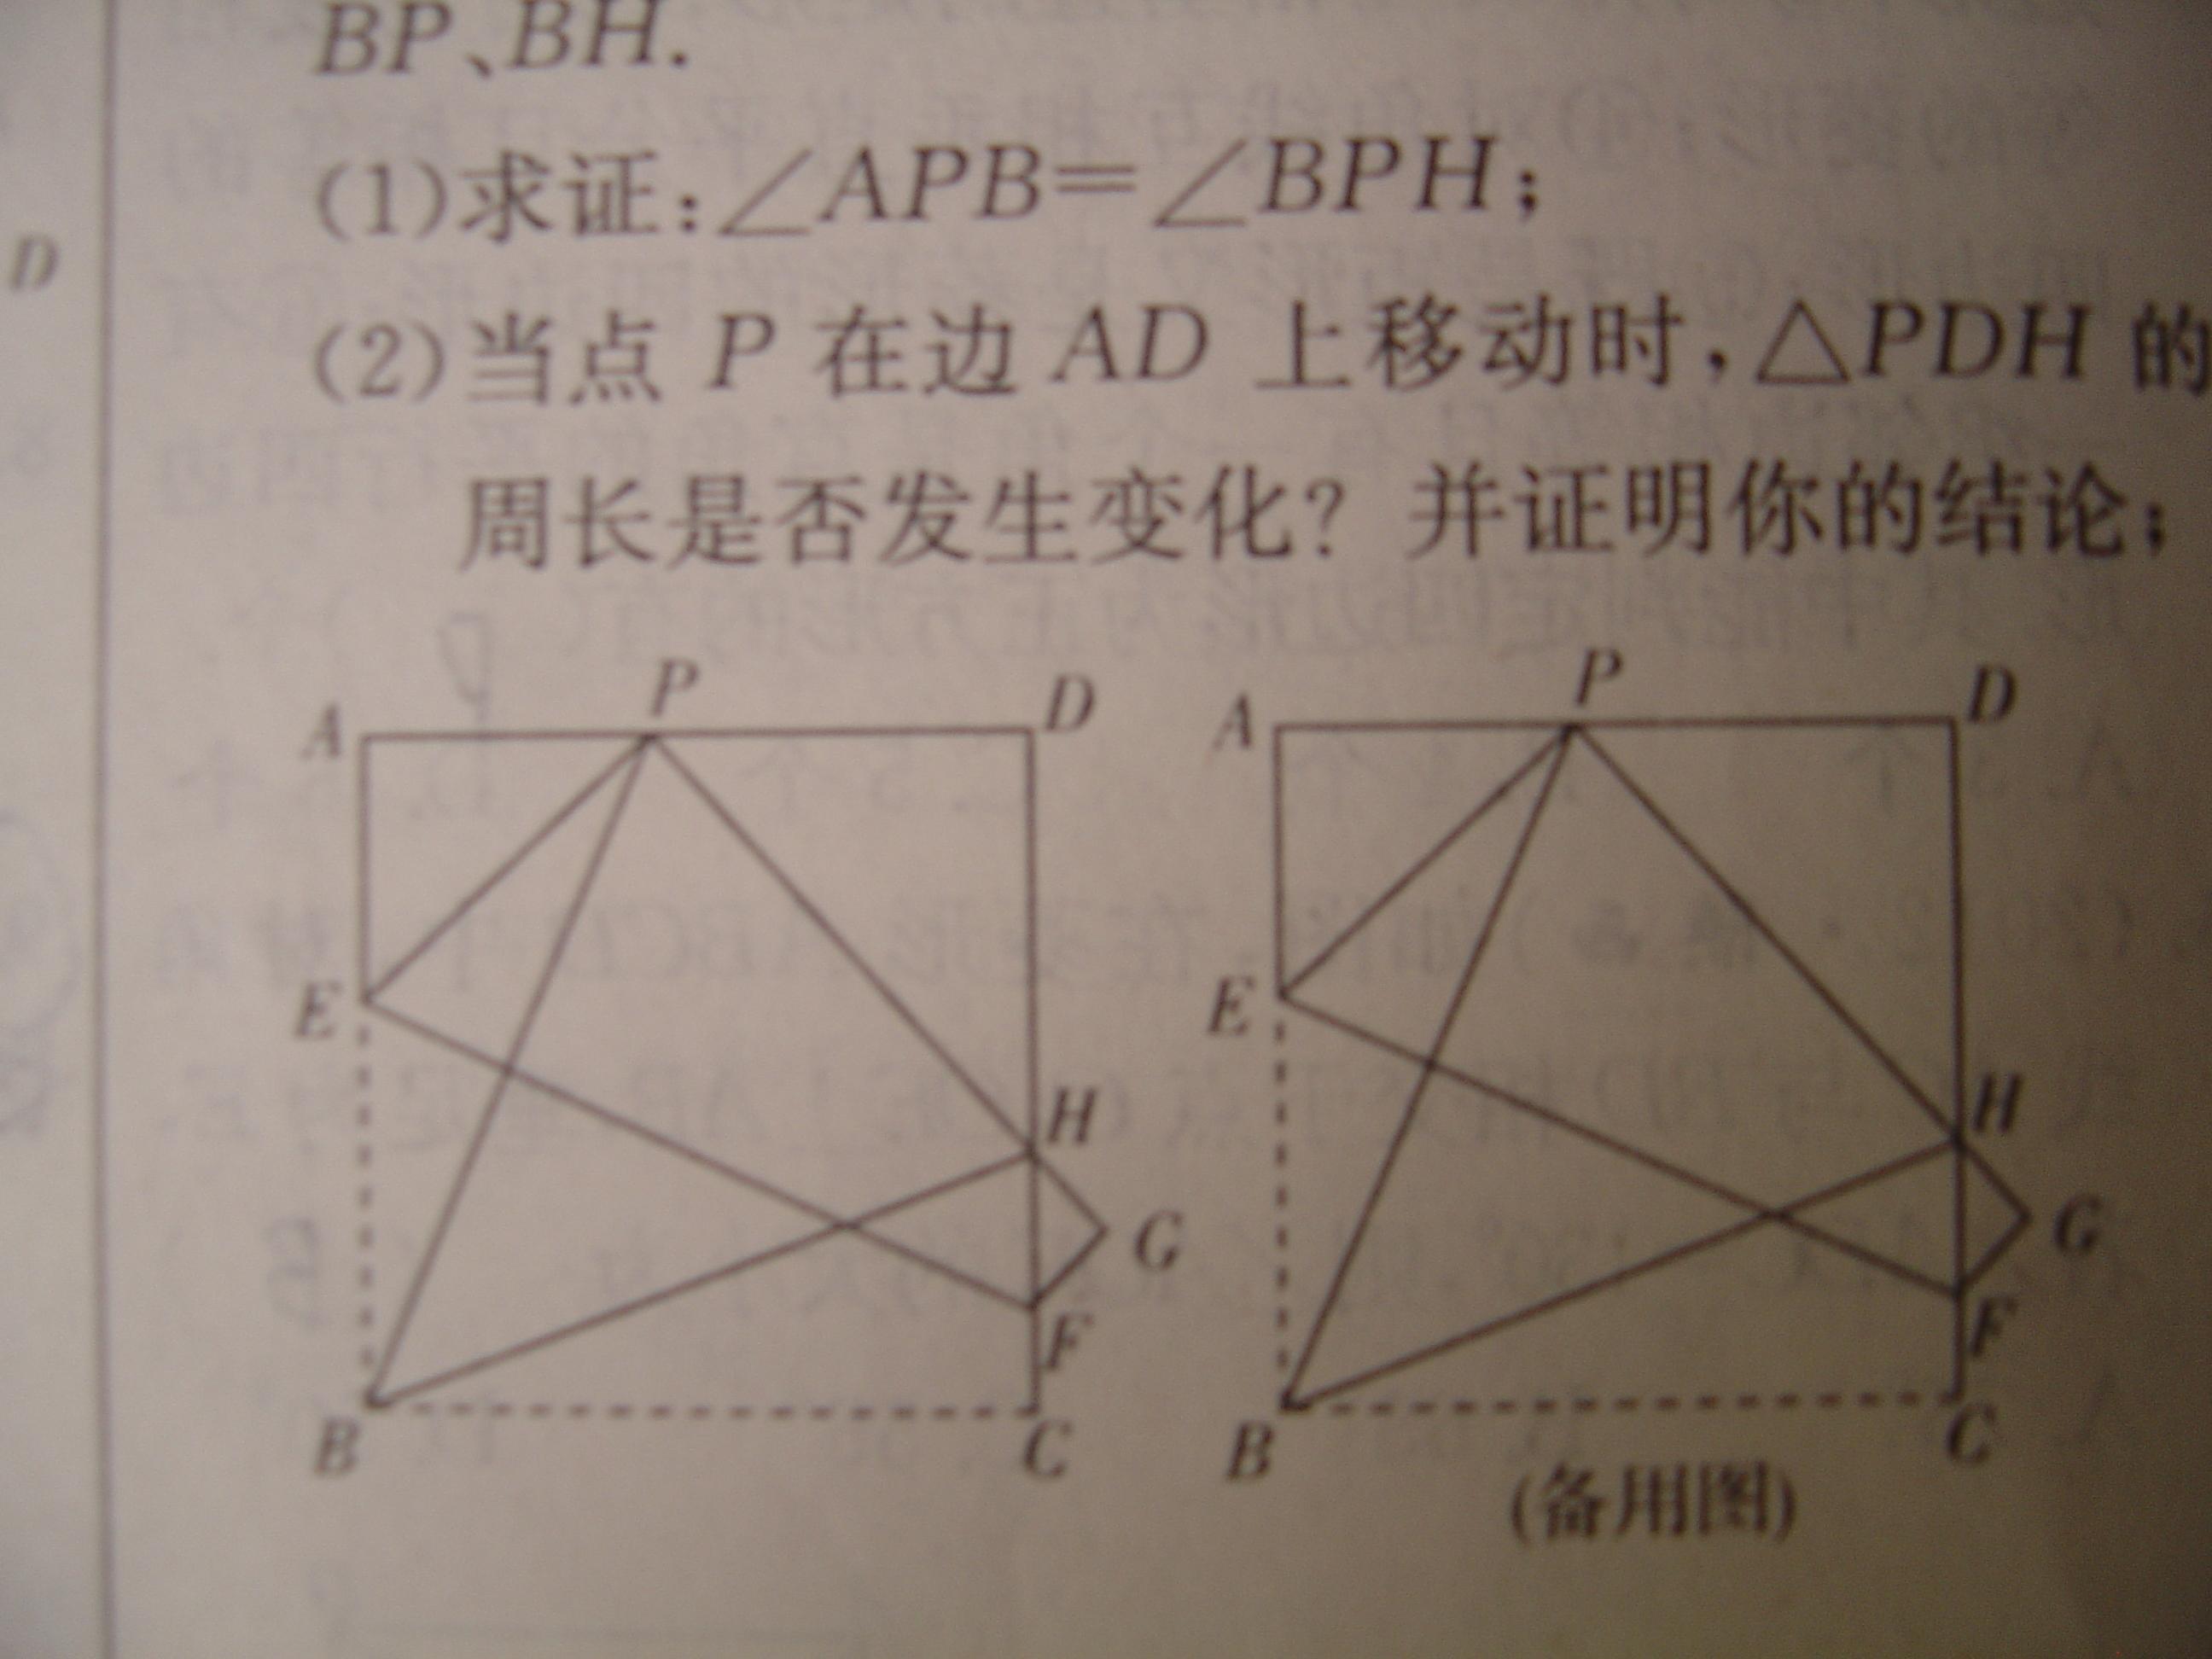 数学几何折叠问题_初二数学几何图形的初步认识图片